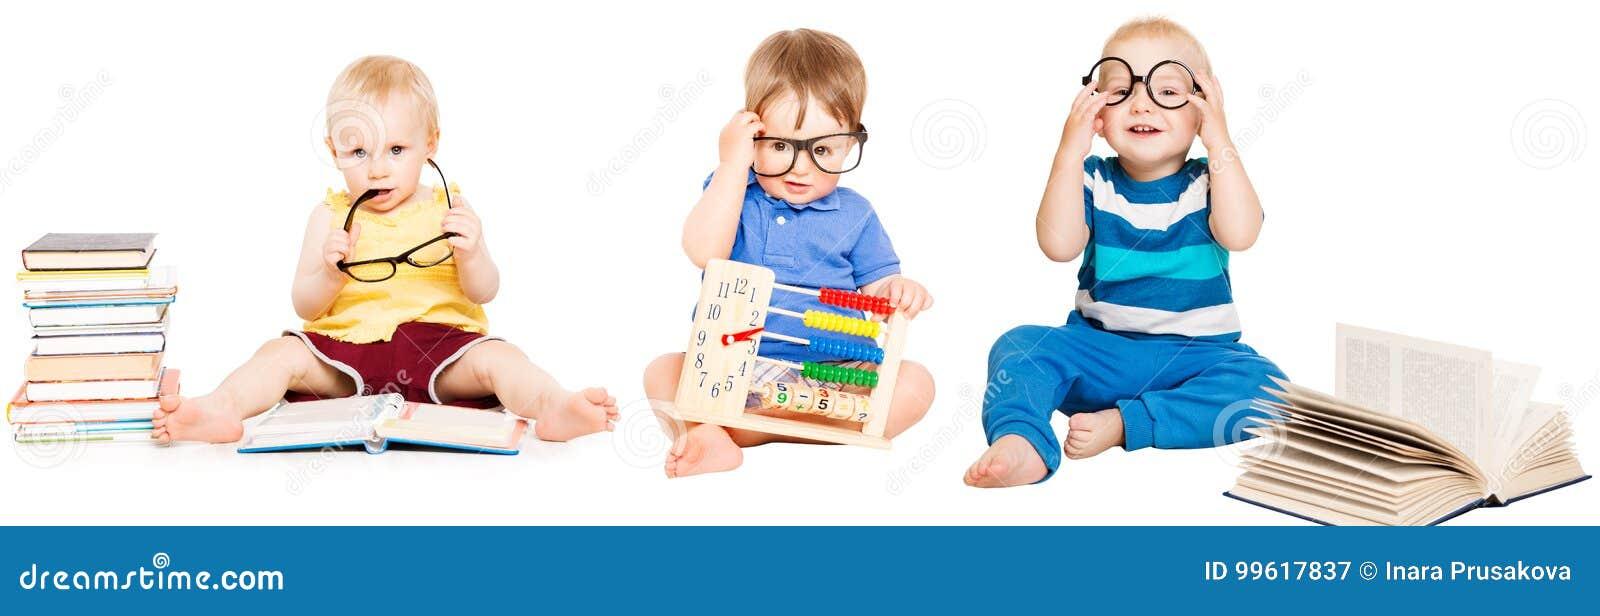 Libro de lectura del bebé, educación temprana de los niños, grupo elegante de los niños